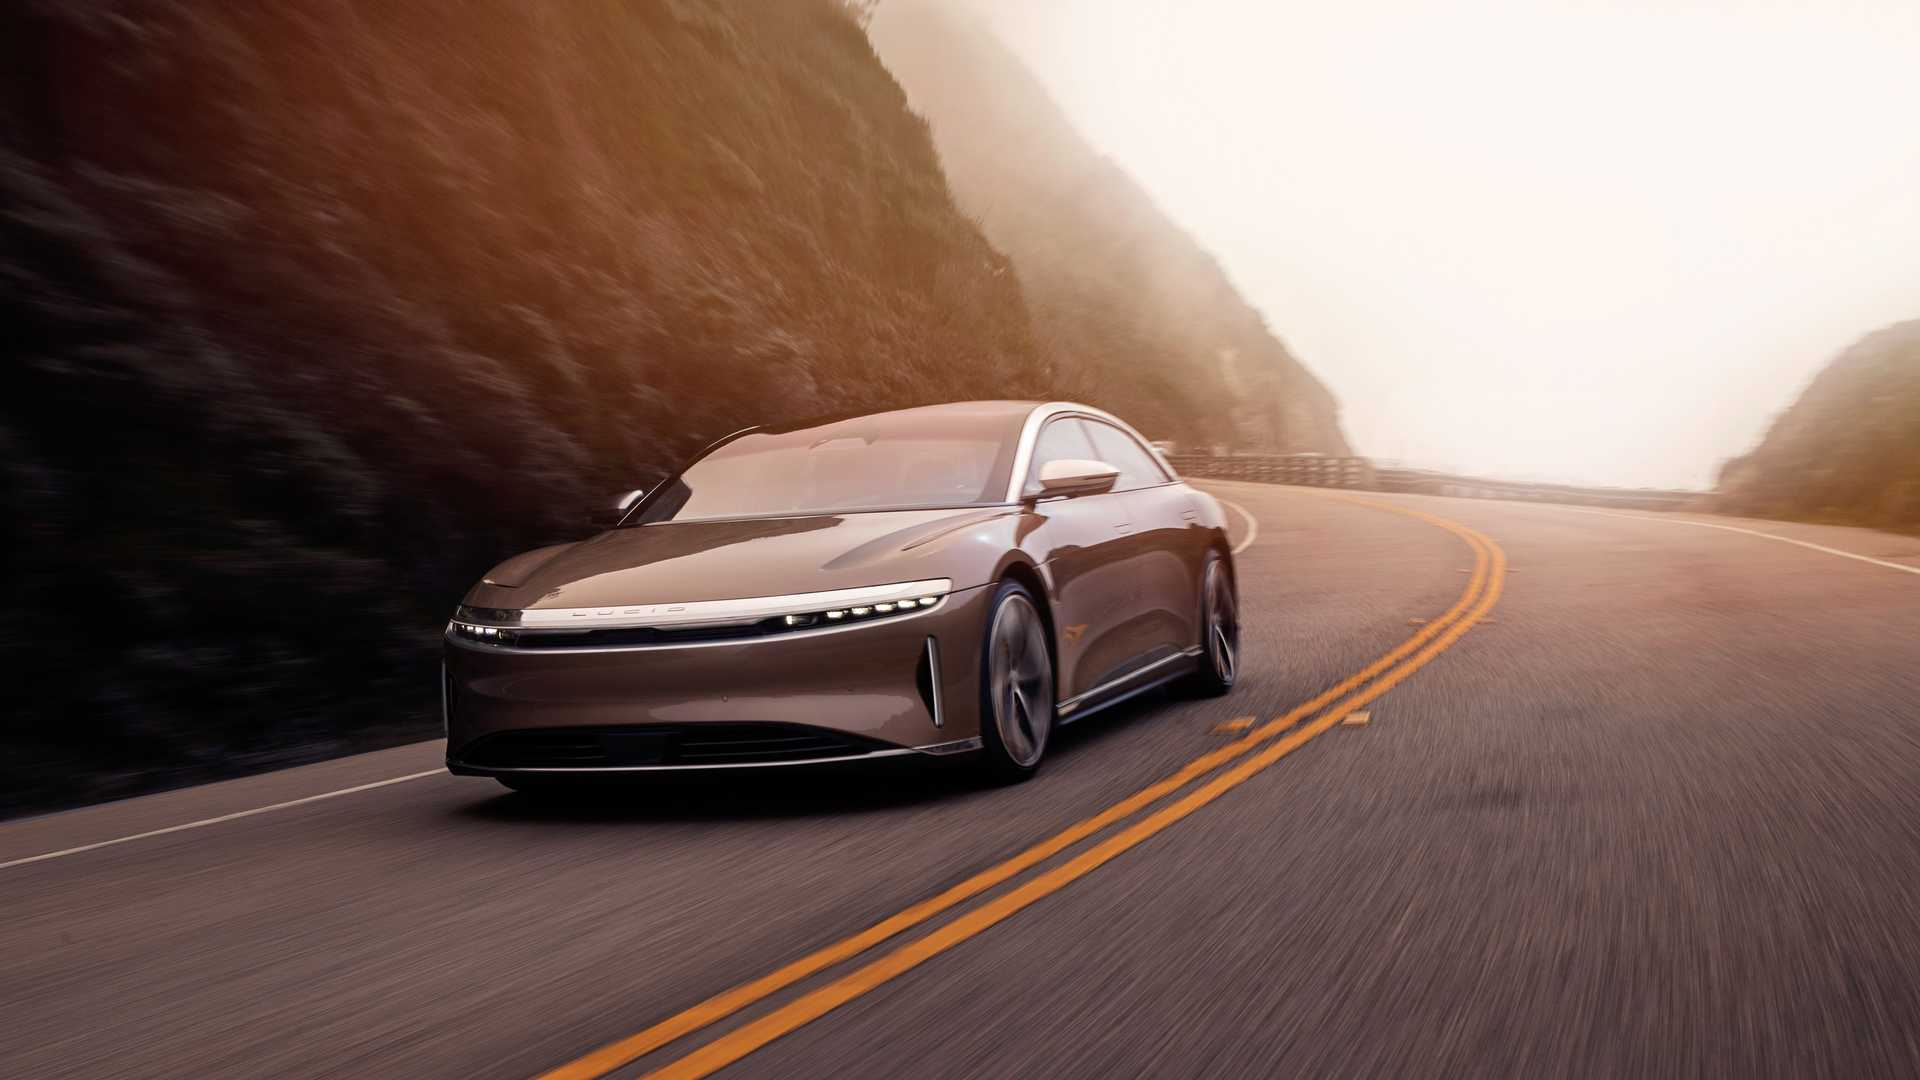 До вчерашнего дня самым дальнобойным электрокаром в США считался Model S Long Range от «Теслы». Он проезжает 652 км. Теперь же эксперты признали победителем Lucid Air в исполнении Dream Edition Range: седан преодолевает 837 км (ЕРА).